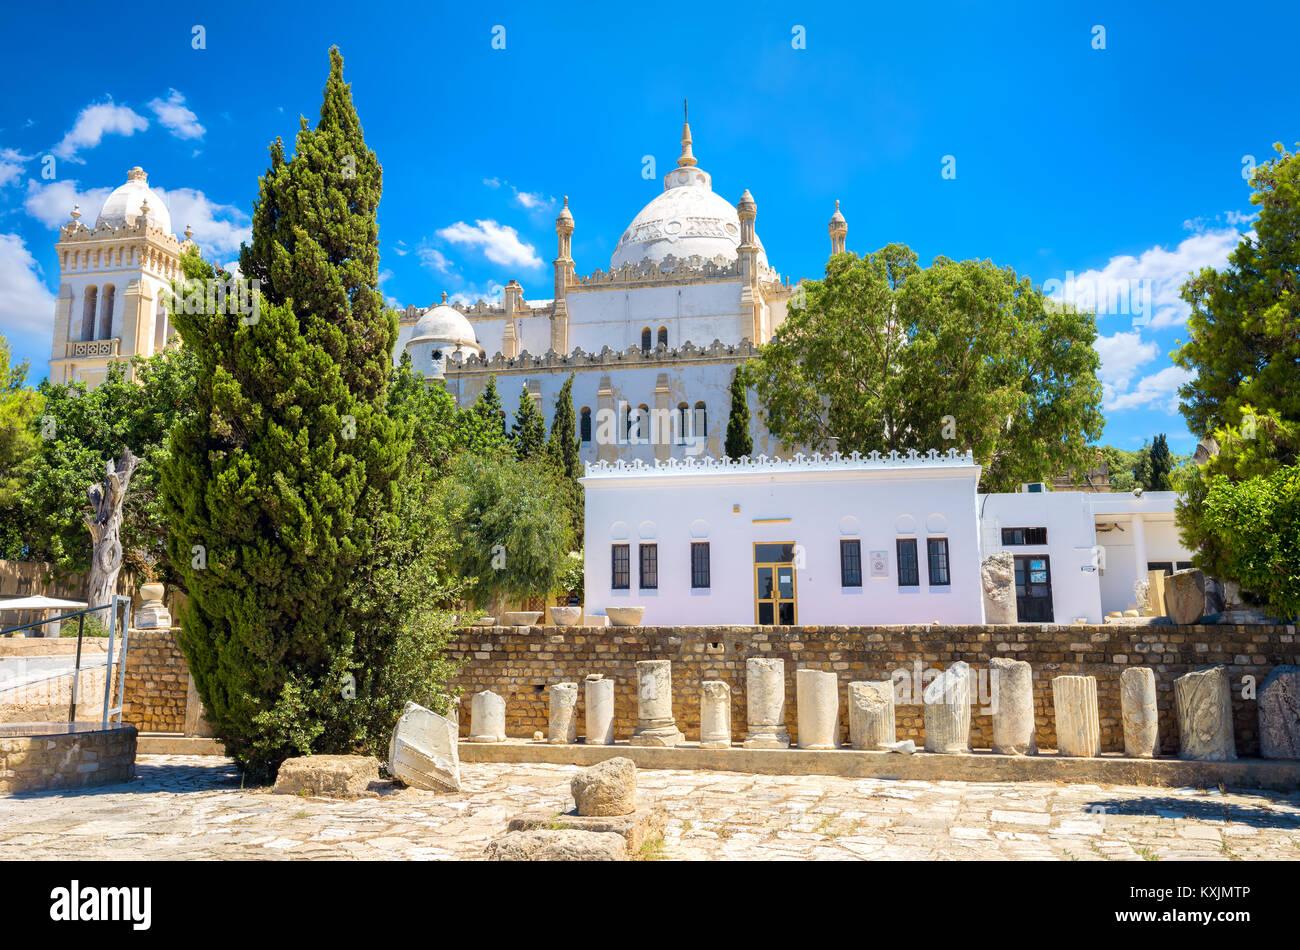 Vista de la Catedral de Saint Louis (Acropolium). Carthage Byrsa Hill, Túnez Imagen De Stock